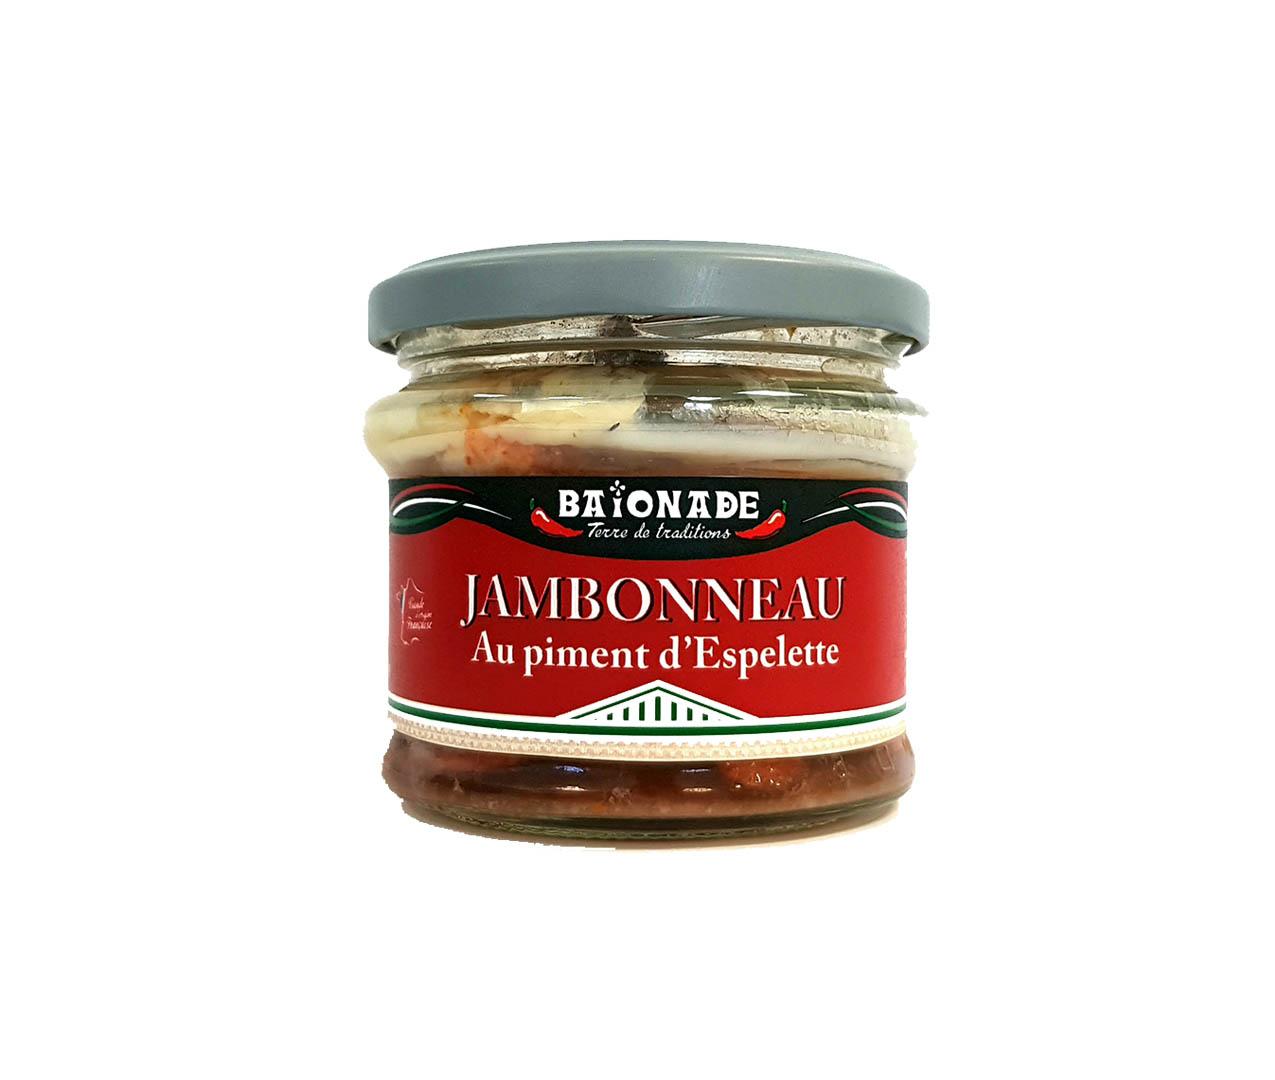 Jambonneau au piment d'Espelette Baïonade